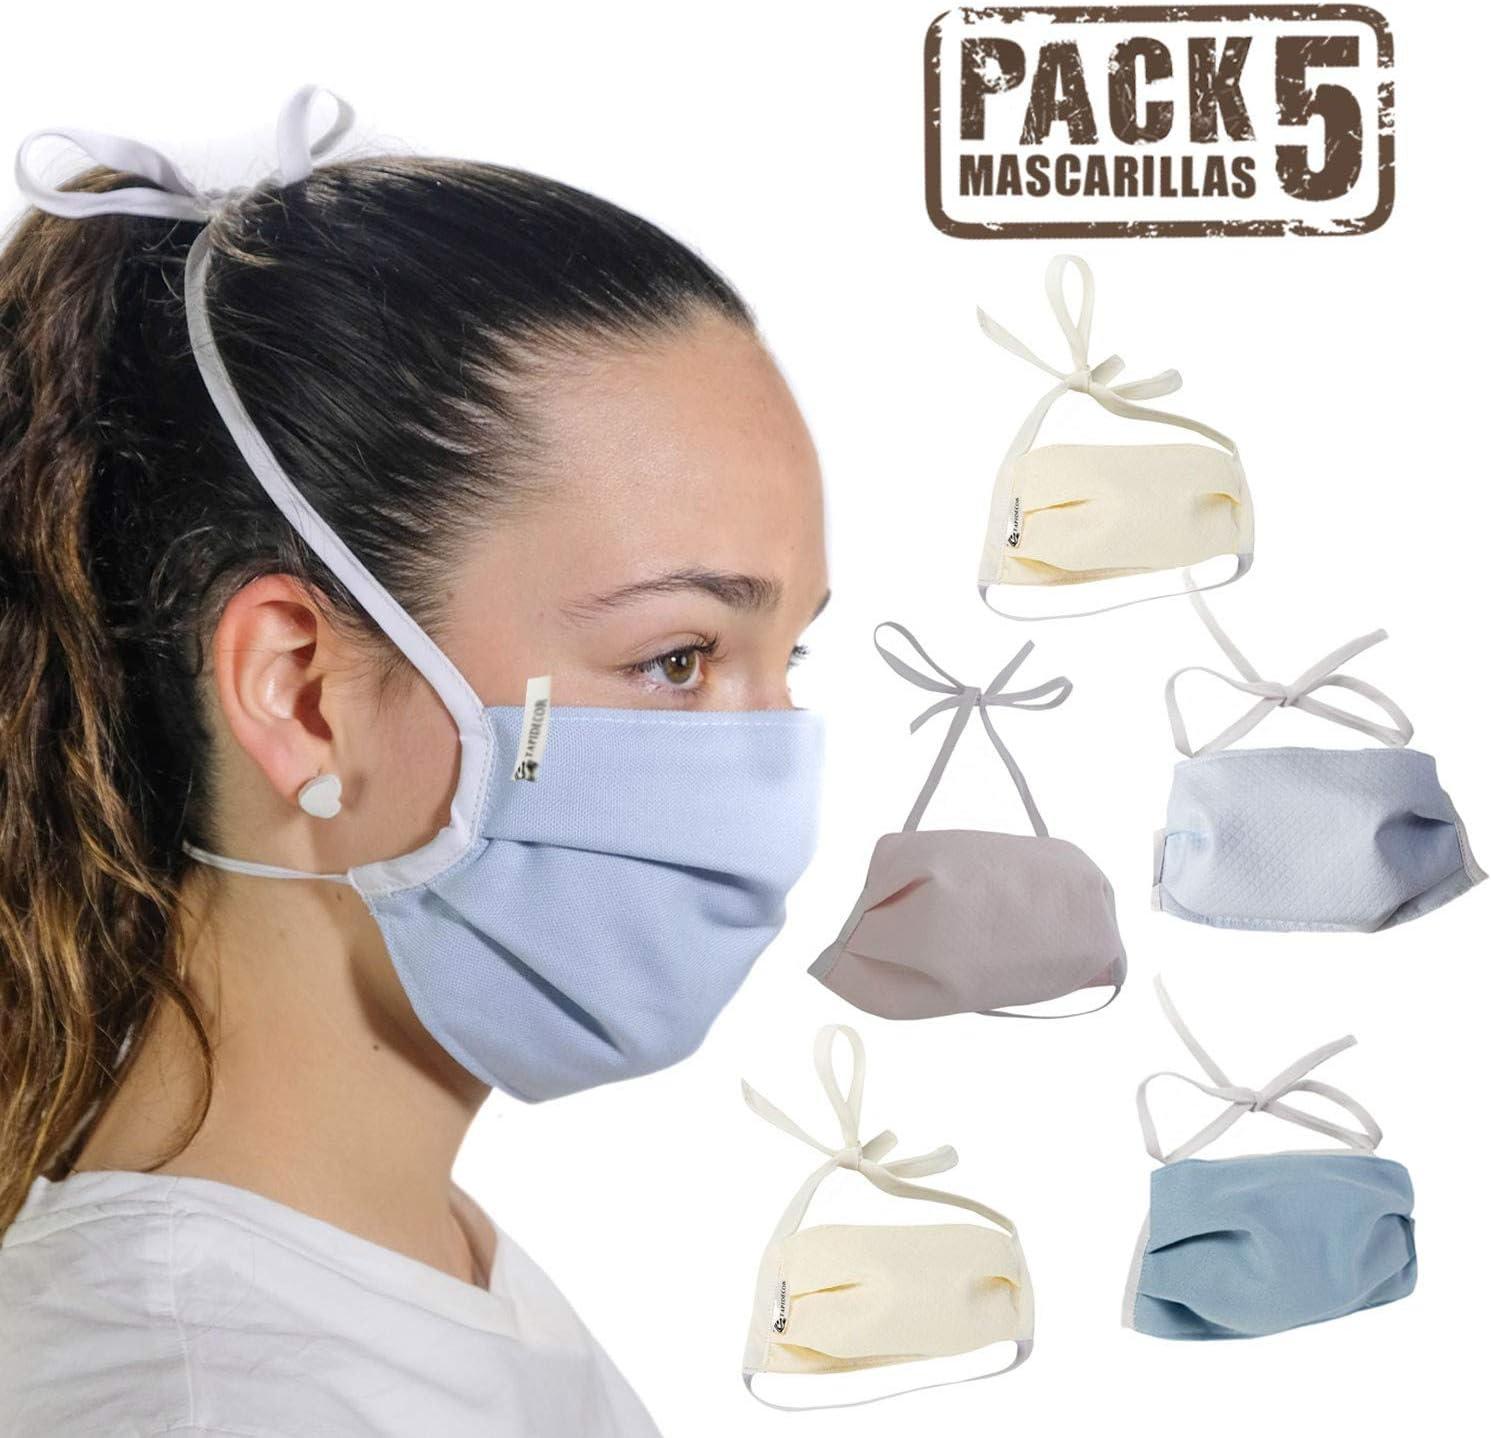 tapidecor Pack 5 Mascarillas Tela Lavables Reutilizable 3 Capas Algodón Piqué Acabado Premium